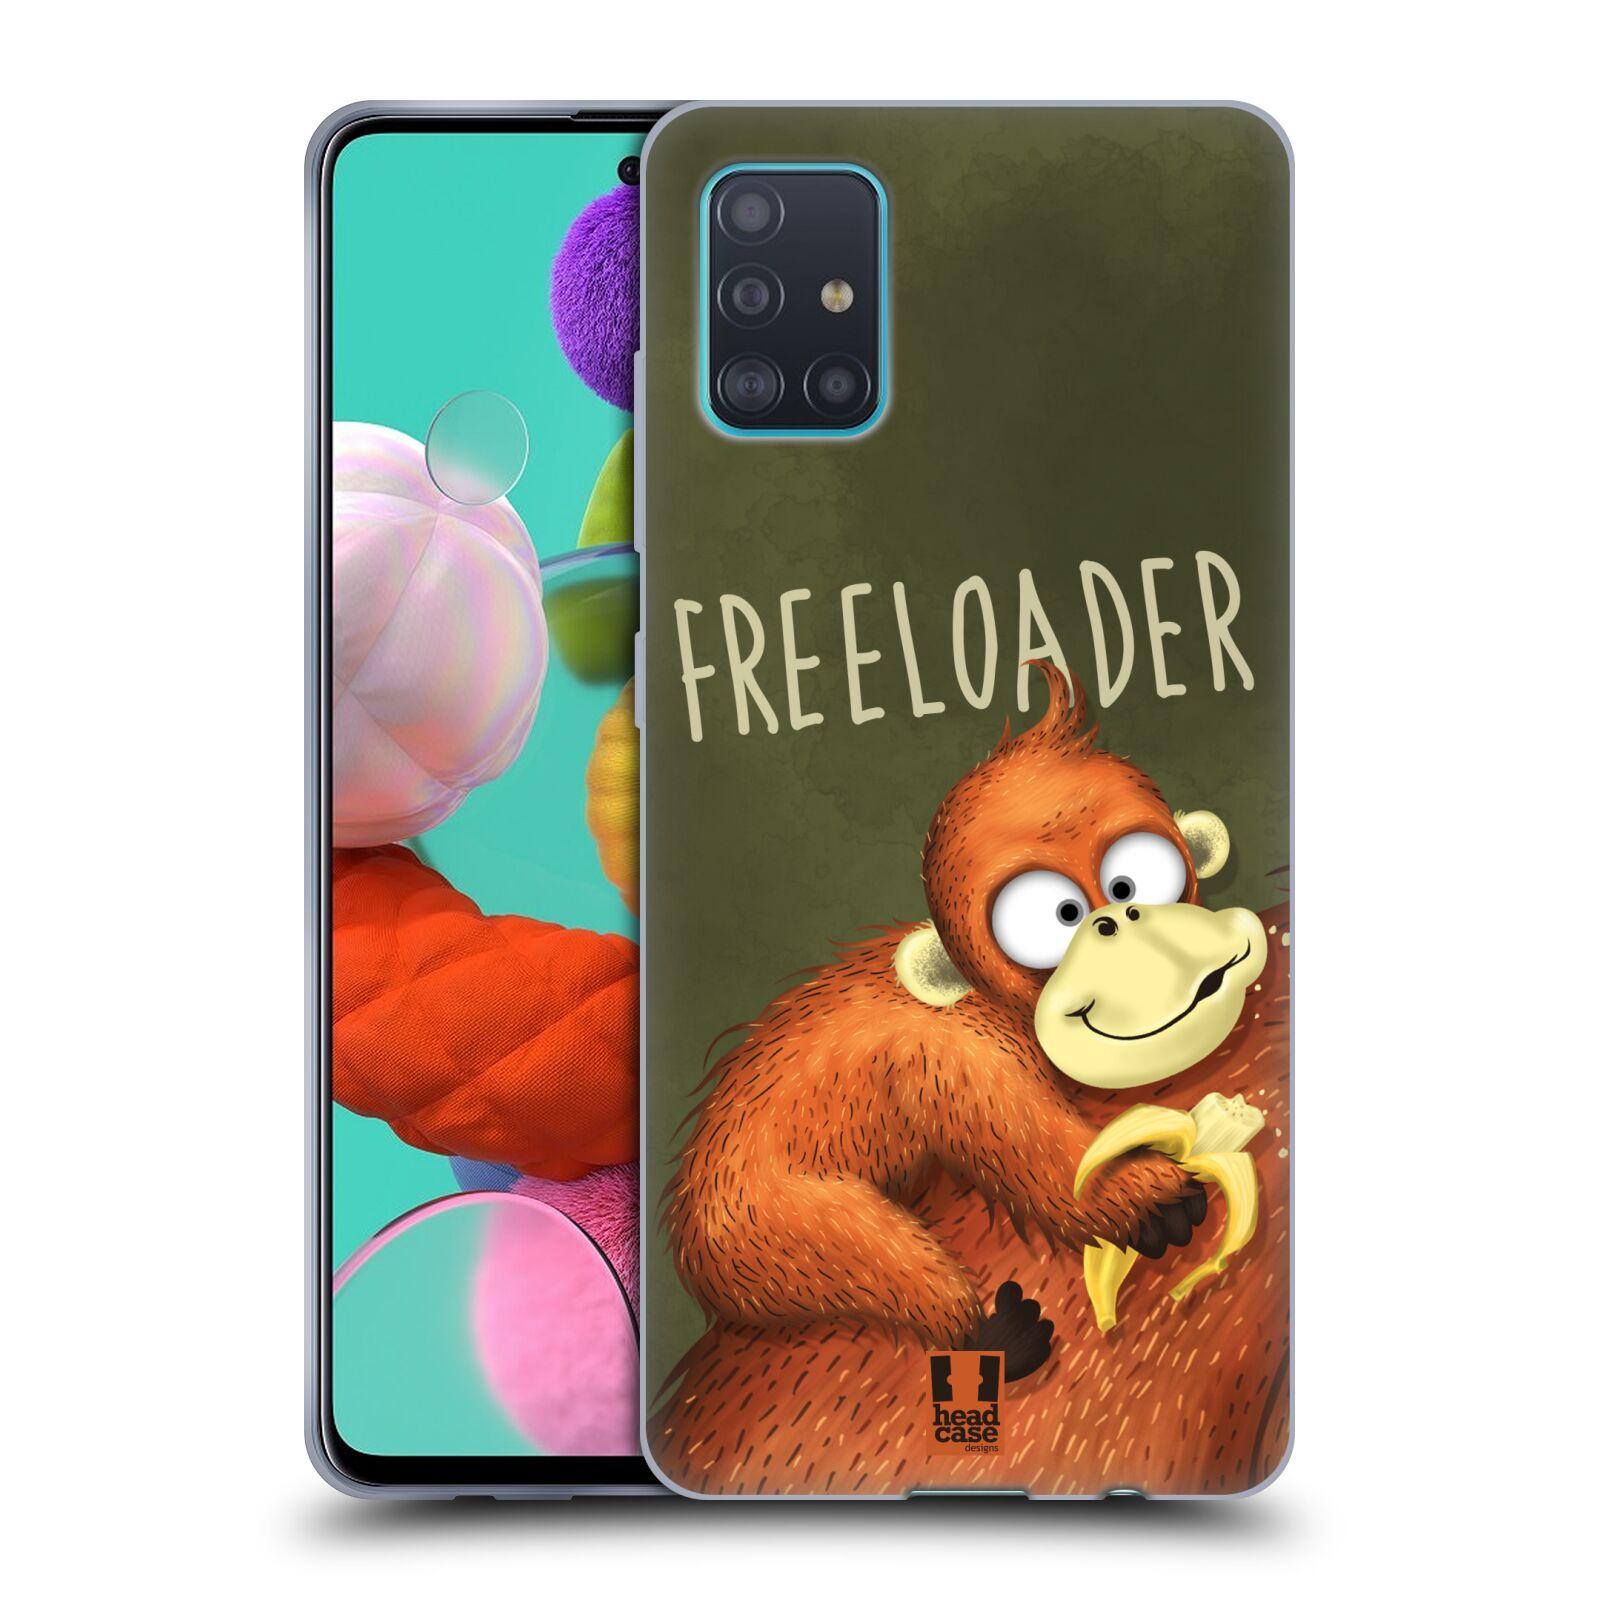 Silikonové pouzdro na mobil Samsung Galaxy A51 - Head Case - Opičák Freeloader